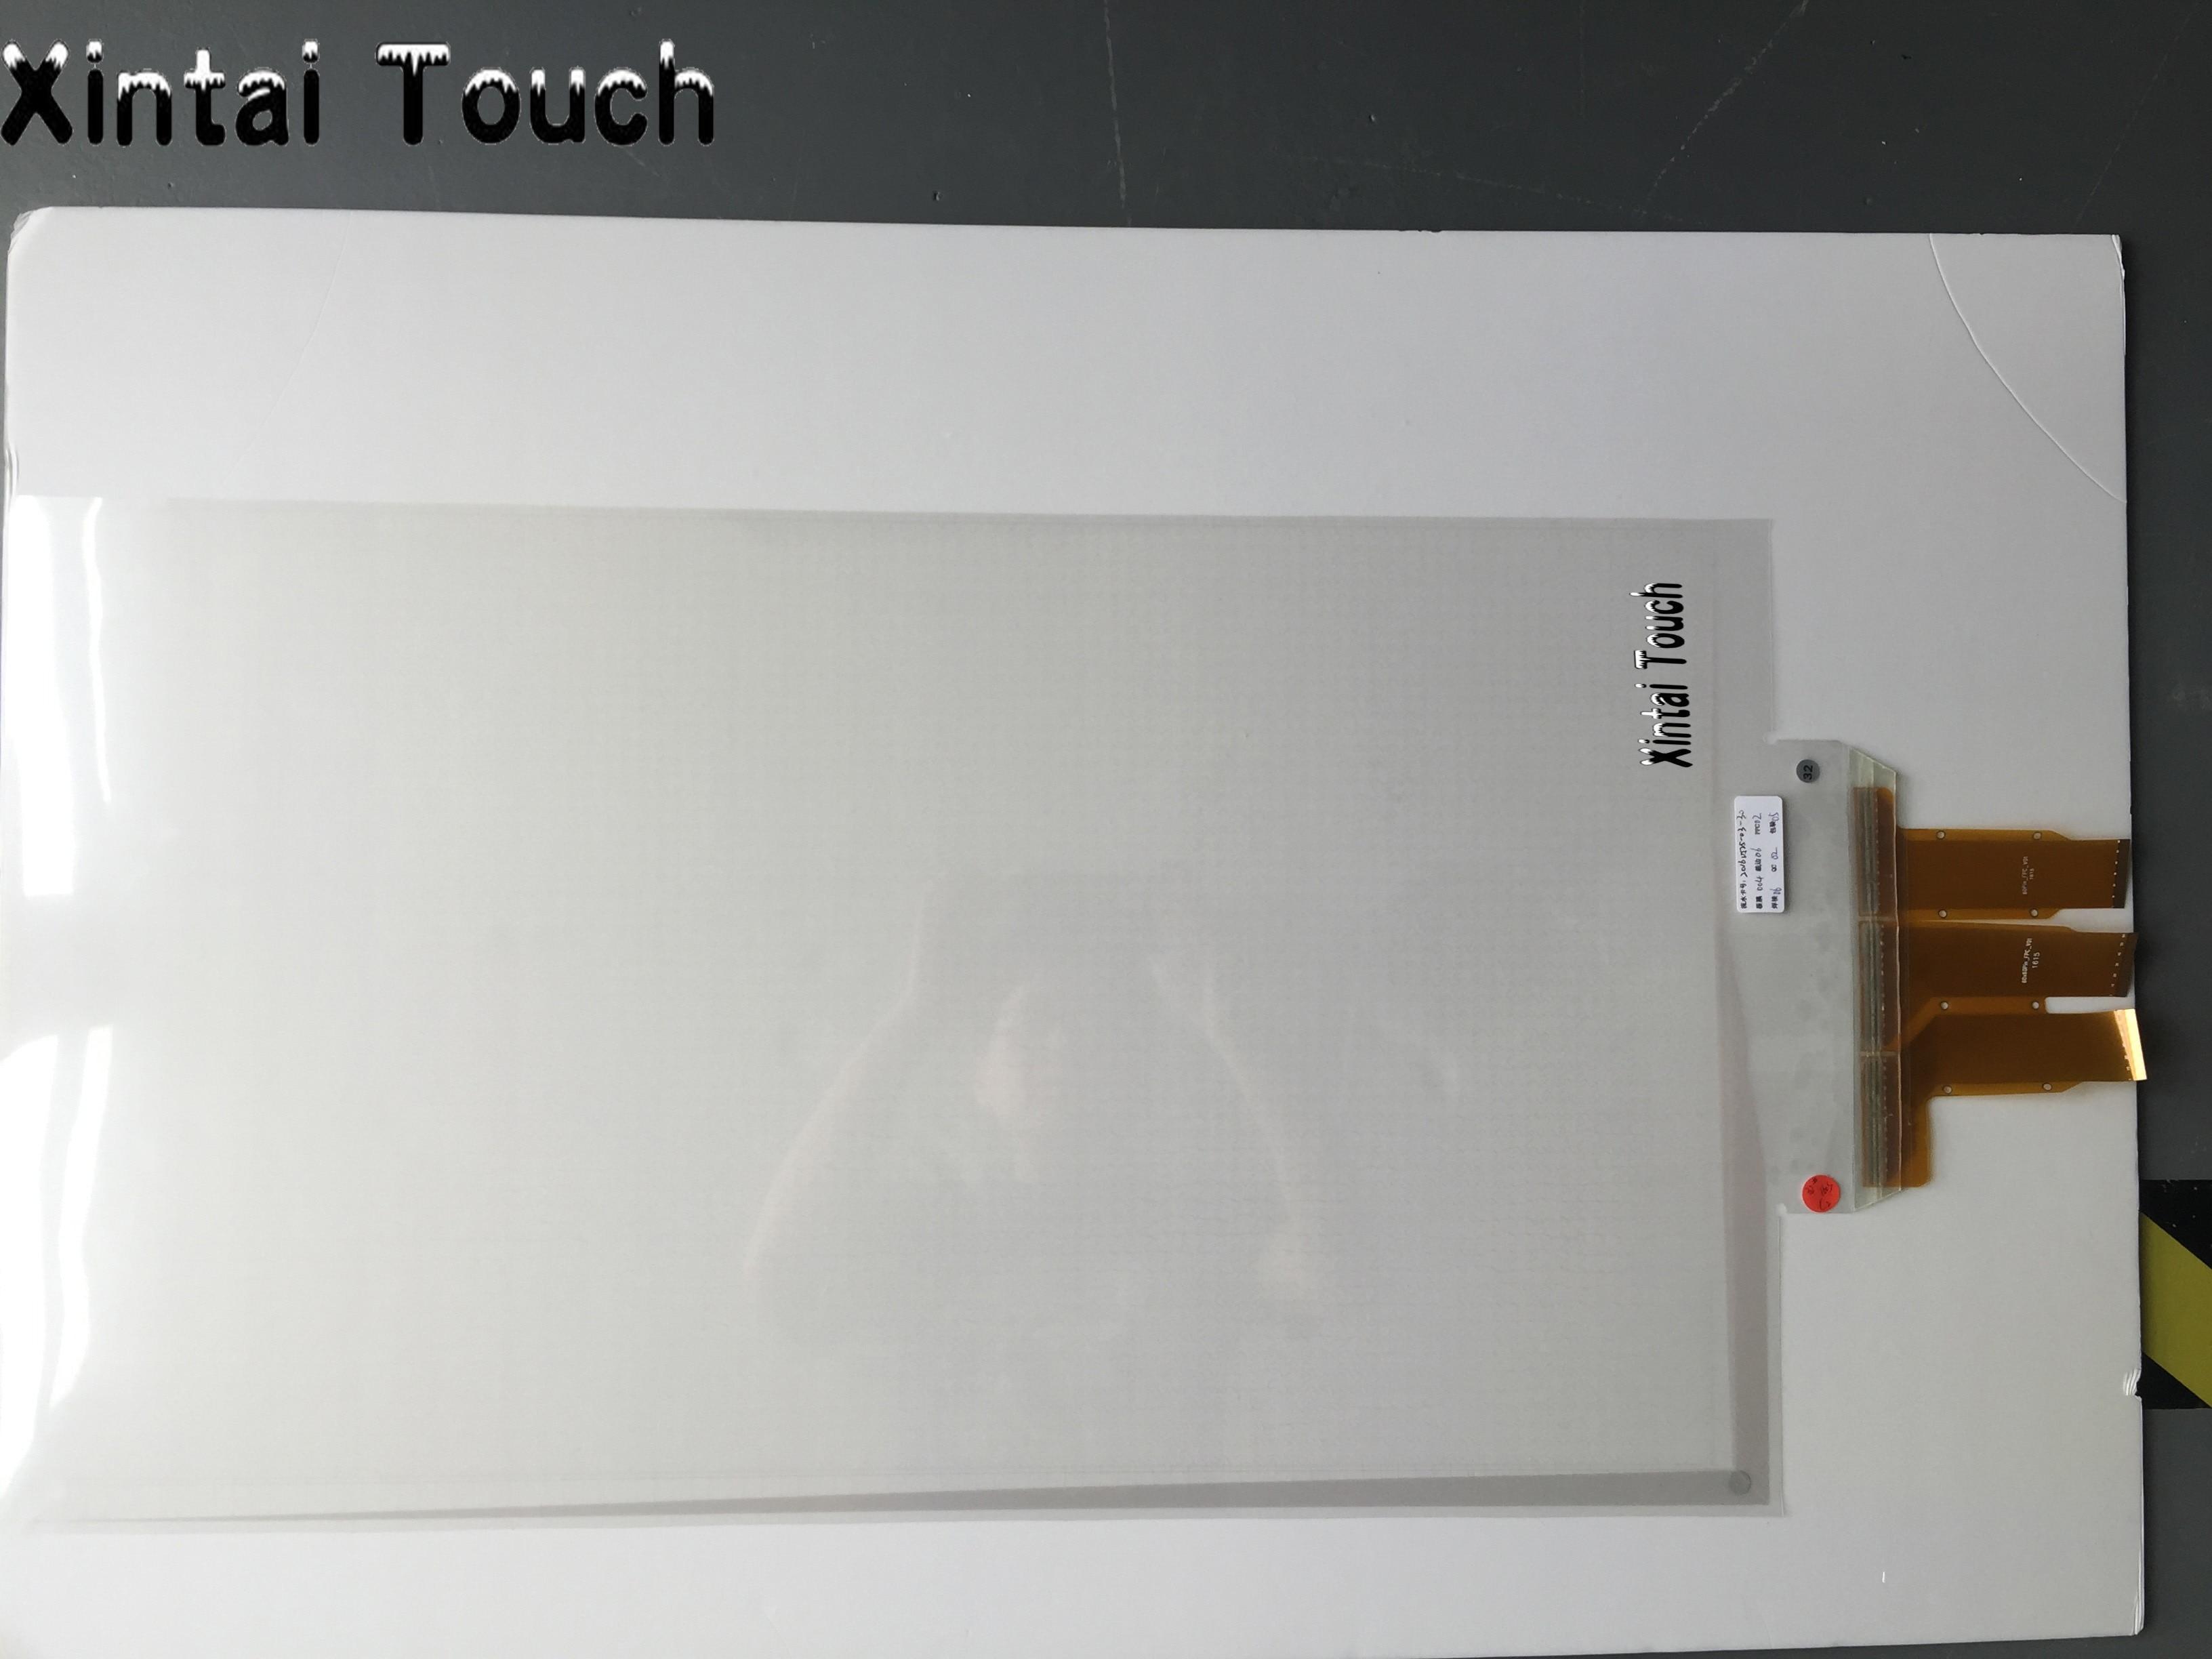 2 Punkte Touch Film Seite Schwanz 52 Zoll Dual Lcd Interaktive Touch-folie Film Durch Glas Schaufensterbummel Reich Und PräChtig